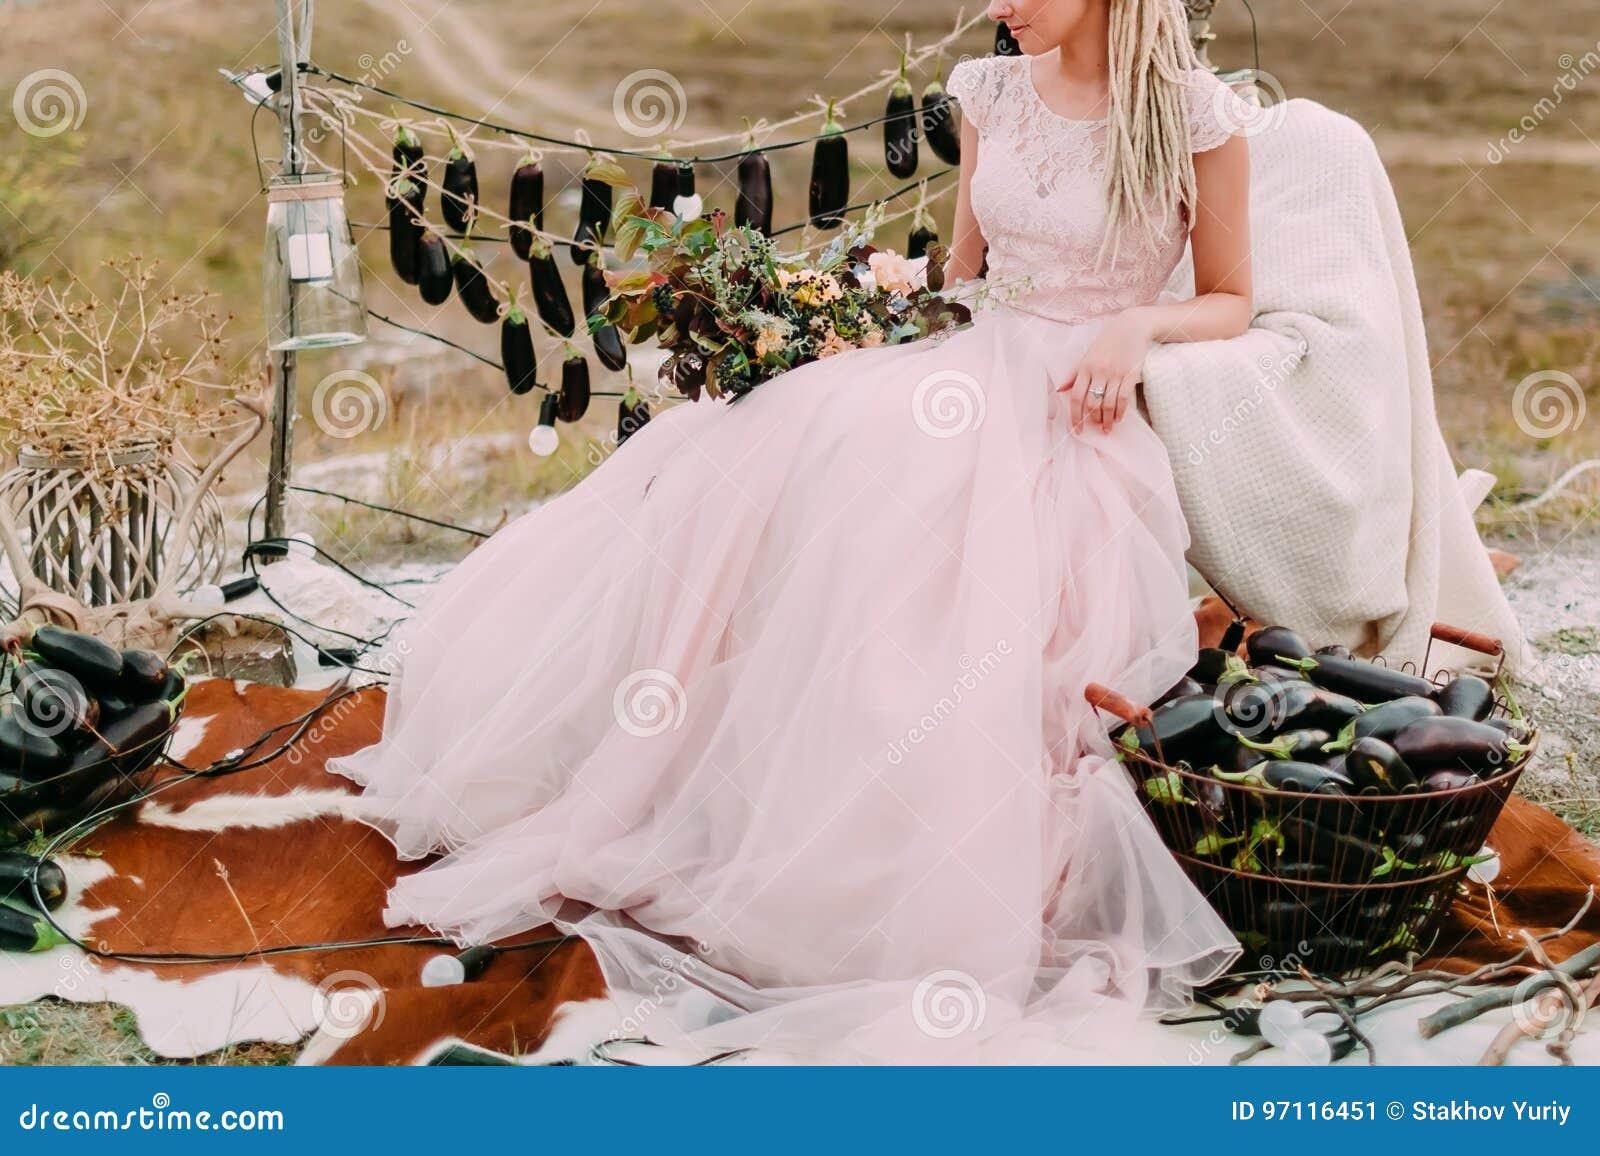 Vestidos para una boda rustica